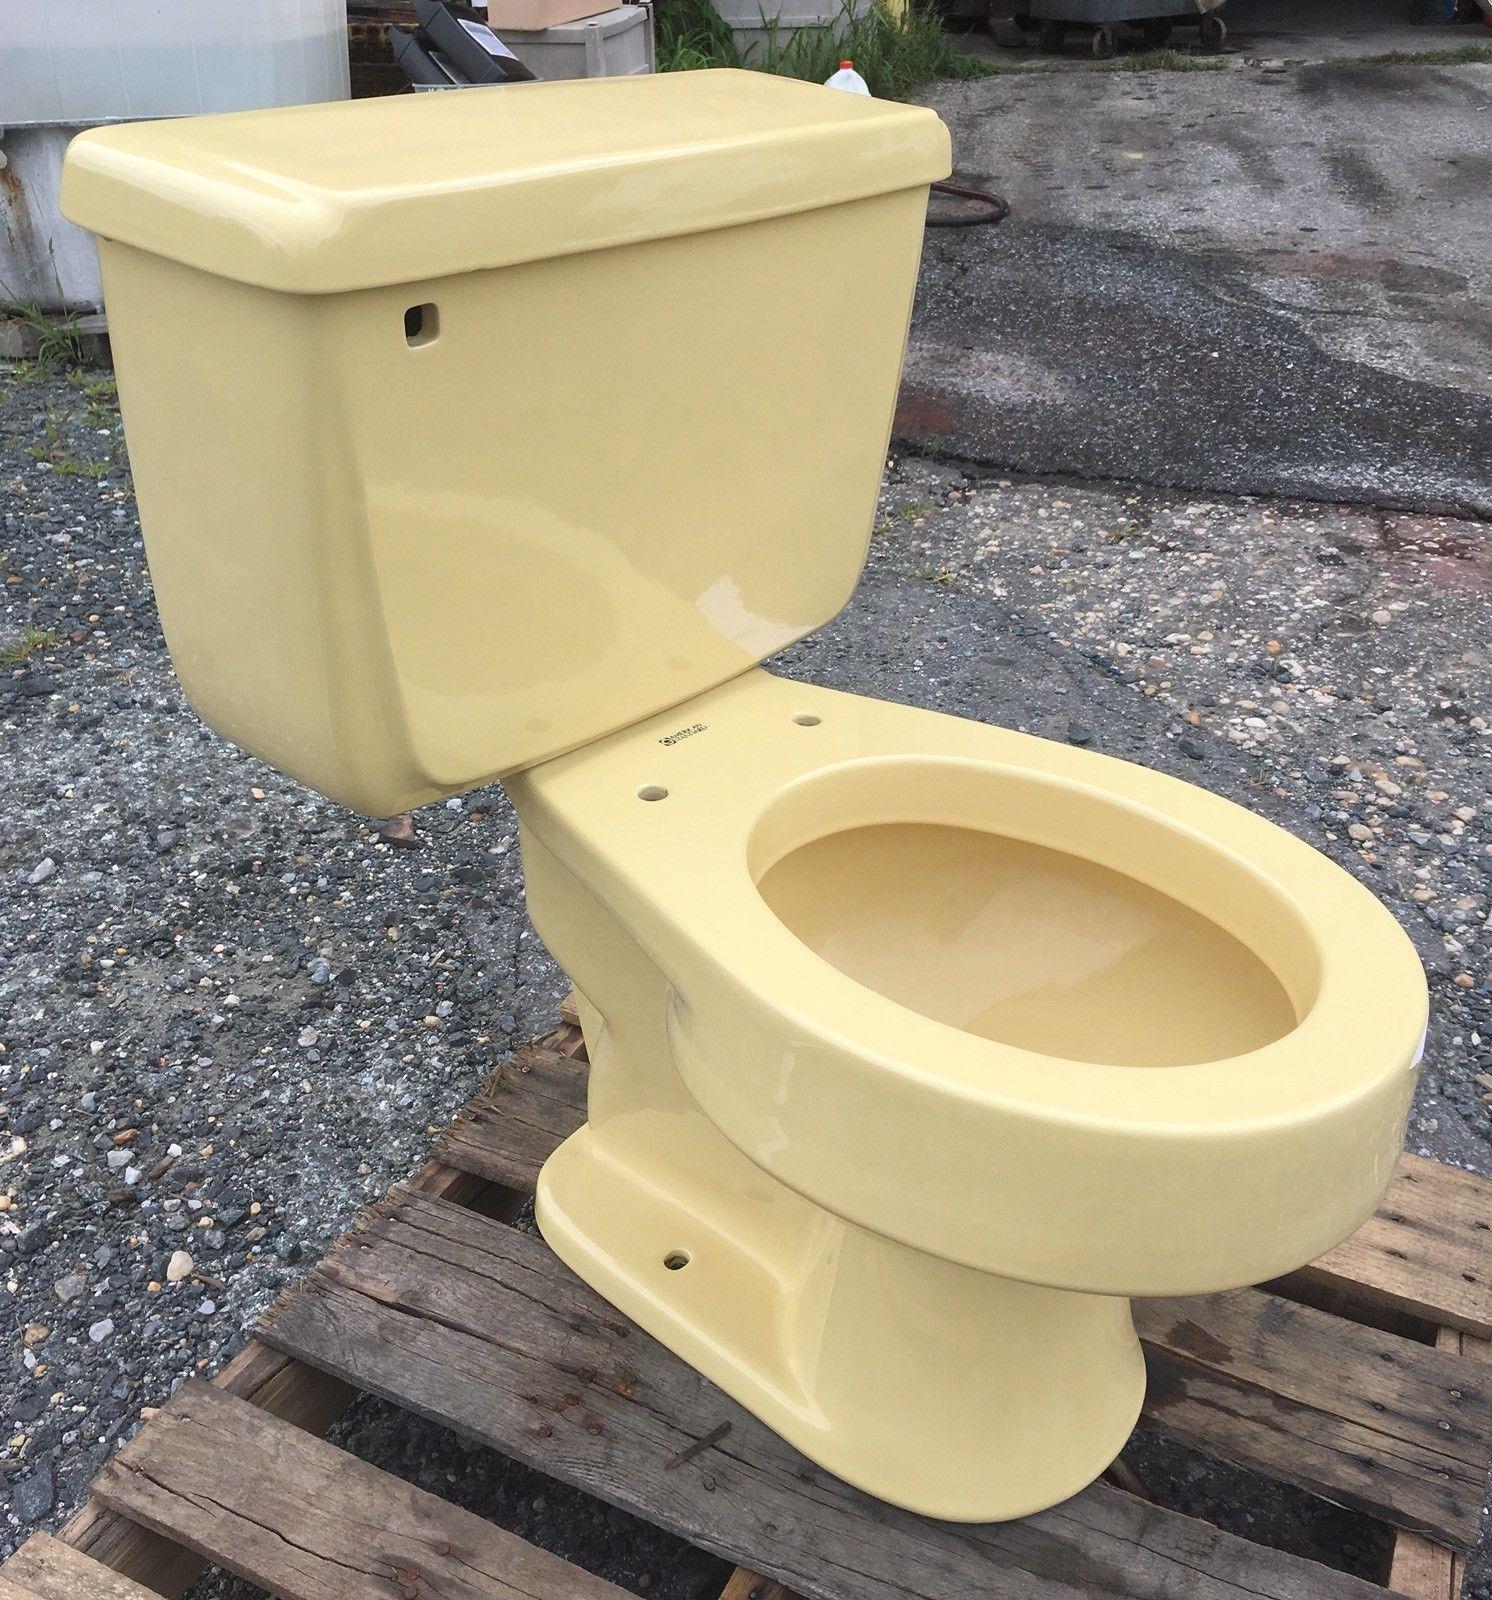 Vintage 1974 Harvest Gold American Standard Cadet Toilet Complete